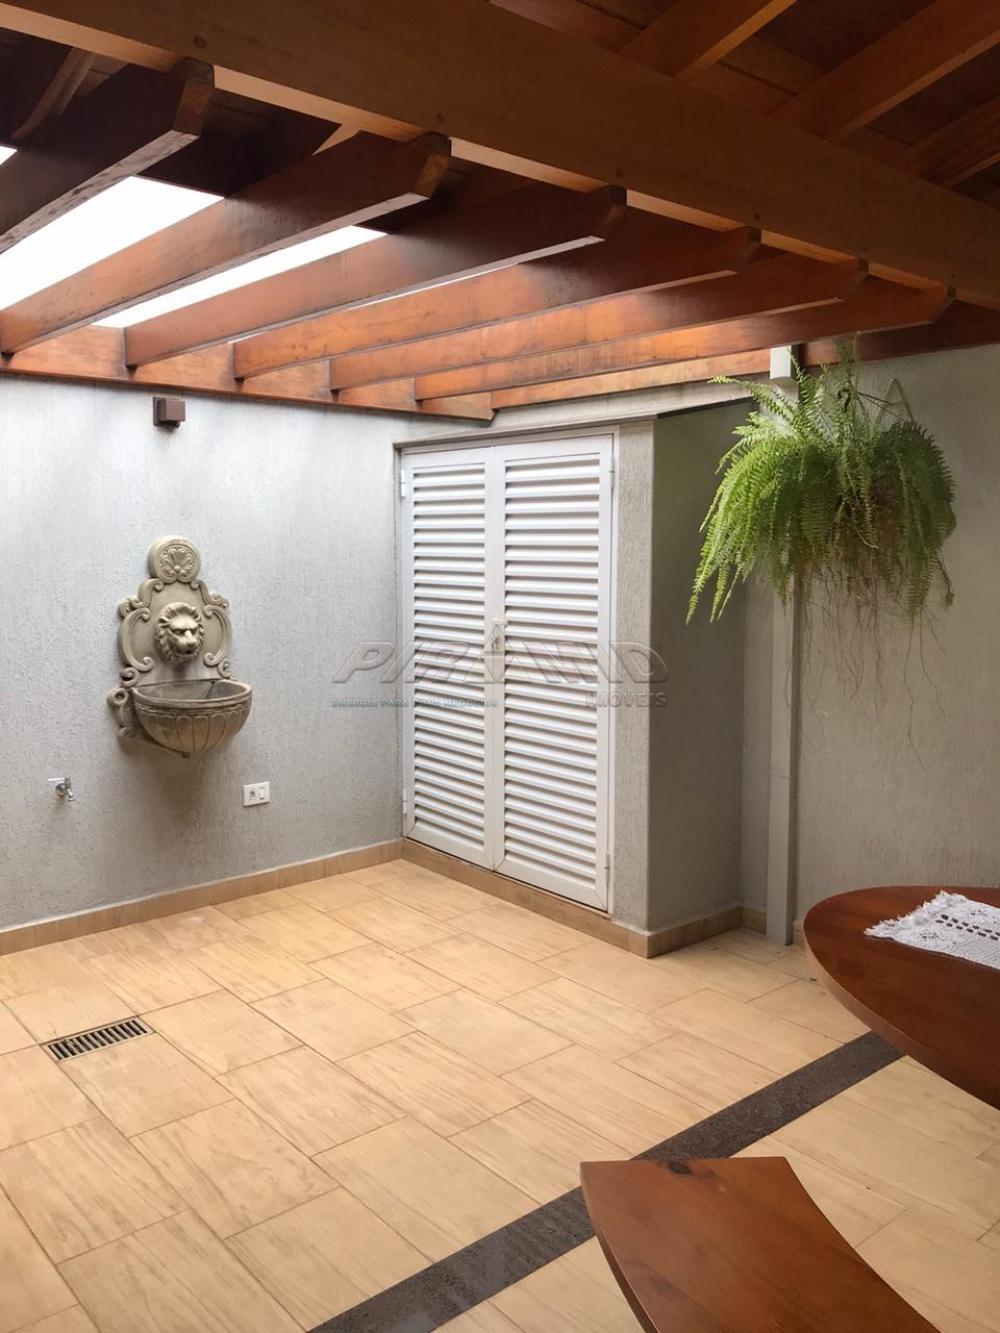 Comprar Casa / Condomínio em Ribeirão Preto apenas R$ 630.000,00 - Foto 16